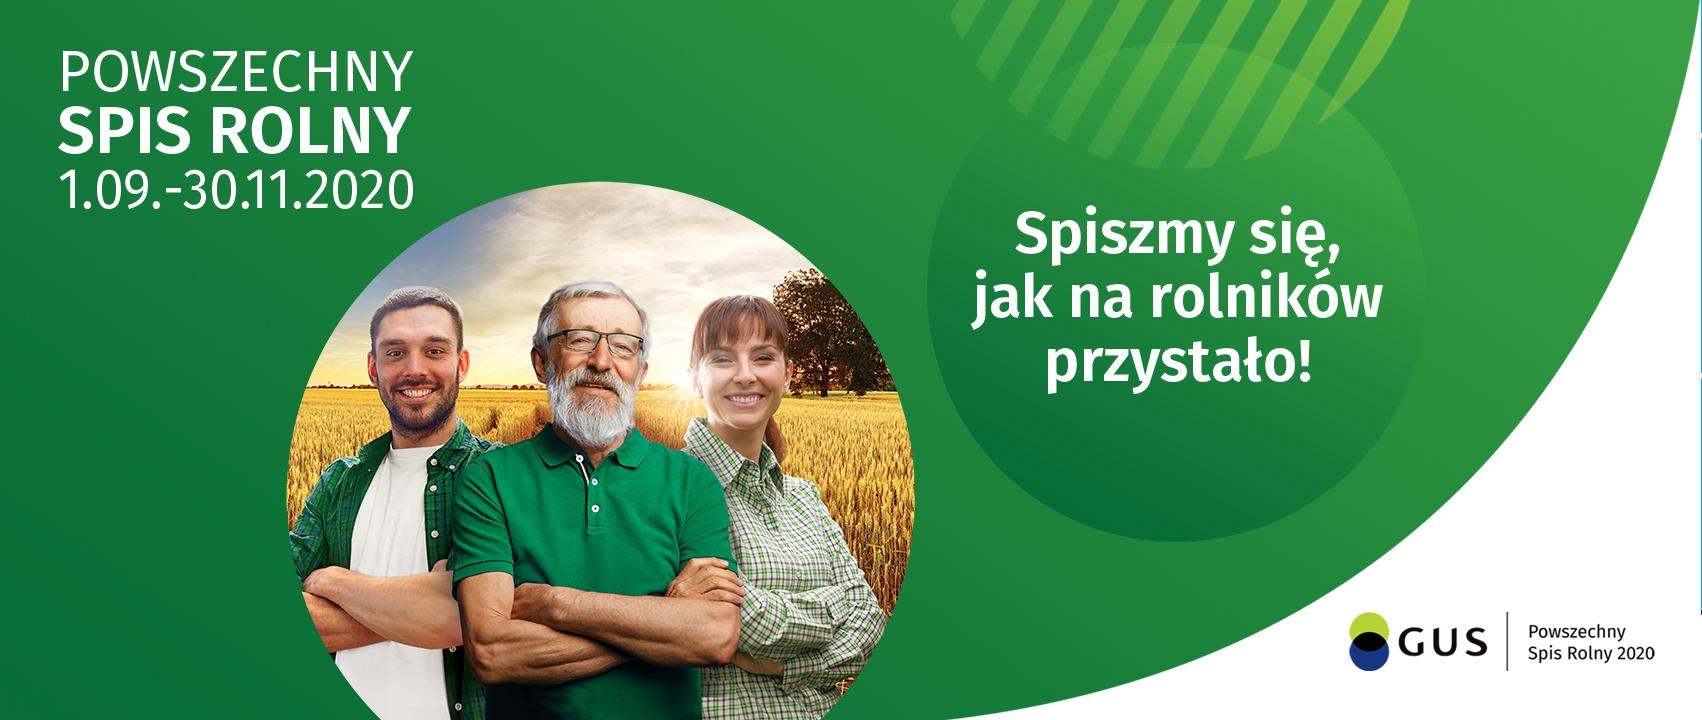 https://www.wojnicz.pl/kategoria/psr2020